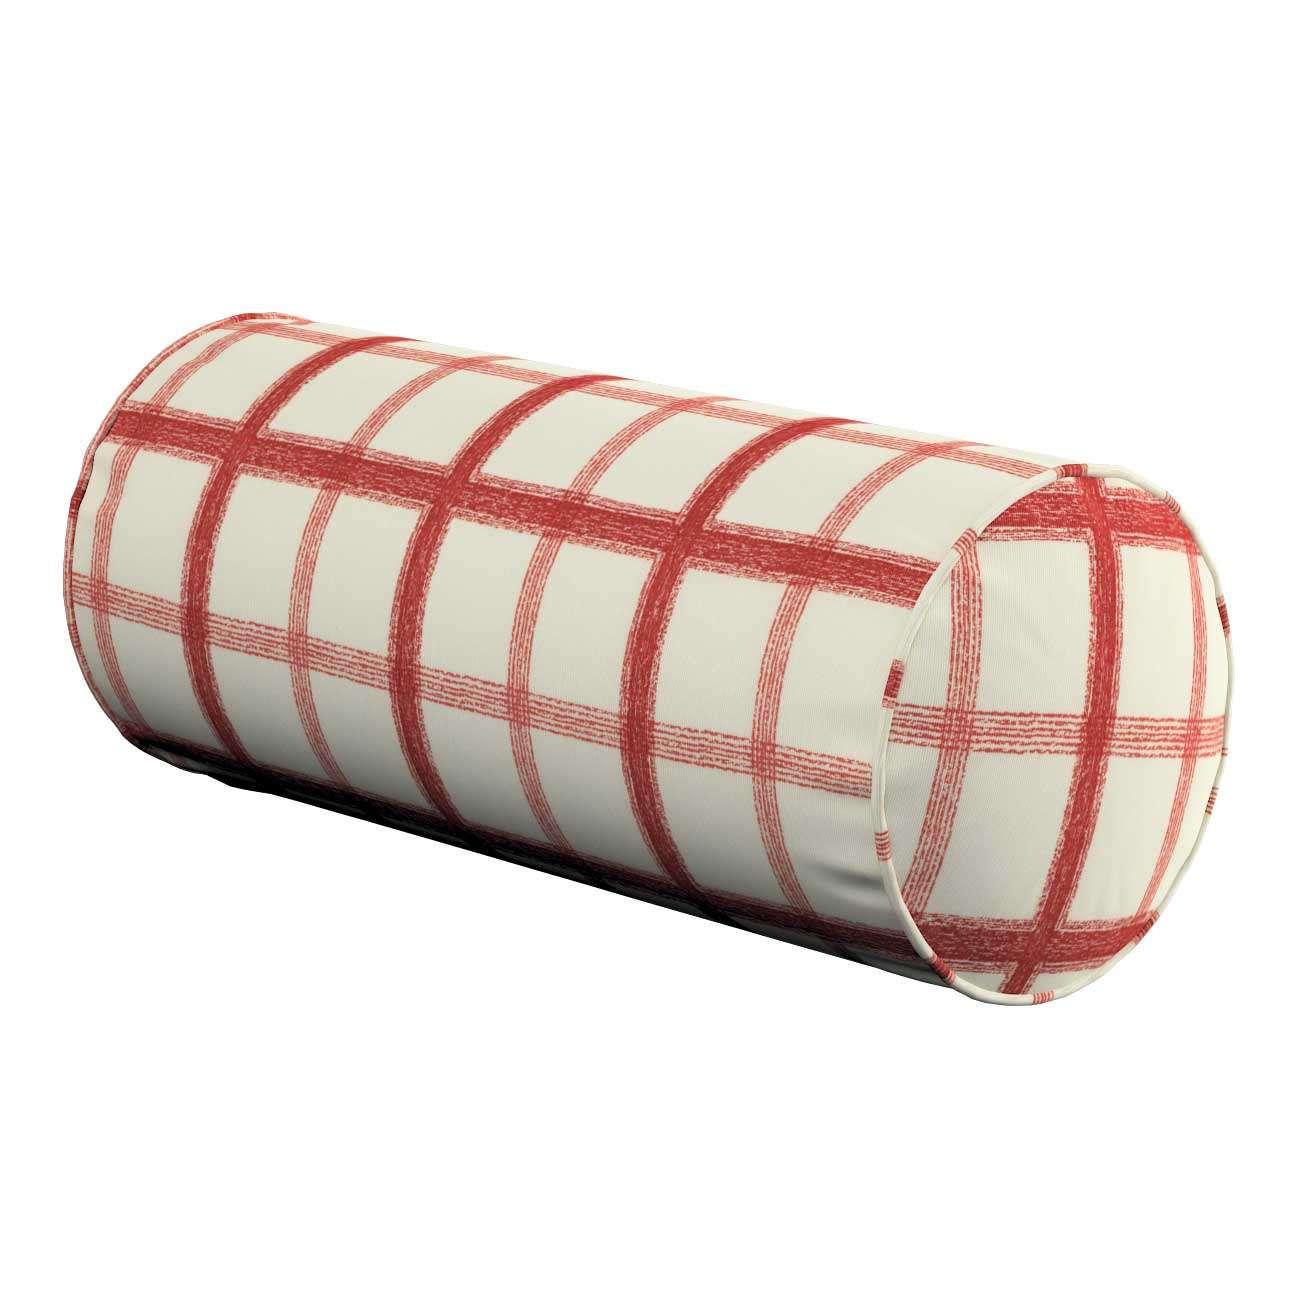 Ritinio formos  pagalvėlės užvalkalas Ø 16 x 40 cm (6 x 16 inch) kolekcijoje Avinon, audinys: 131-15